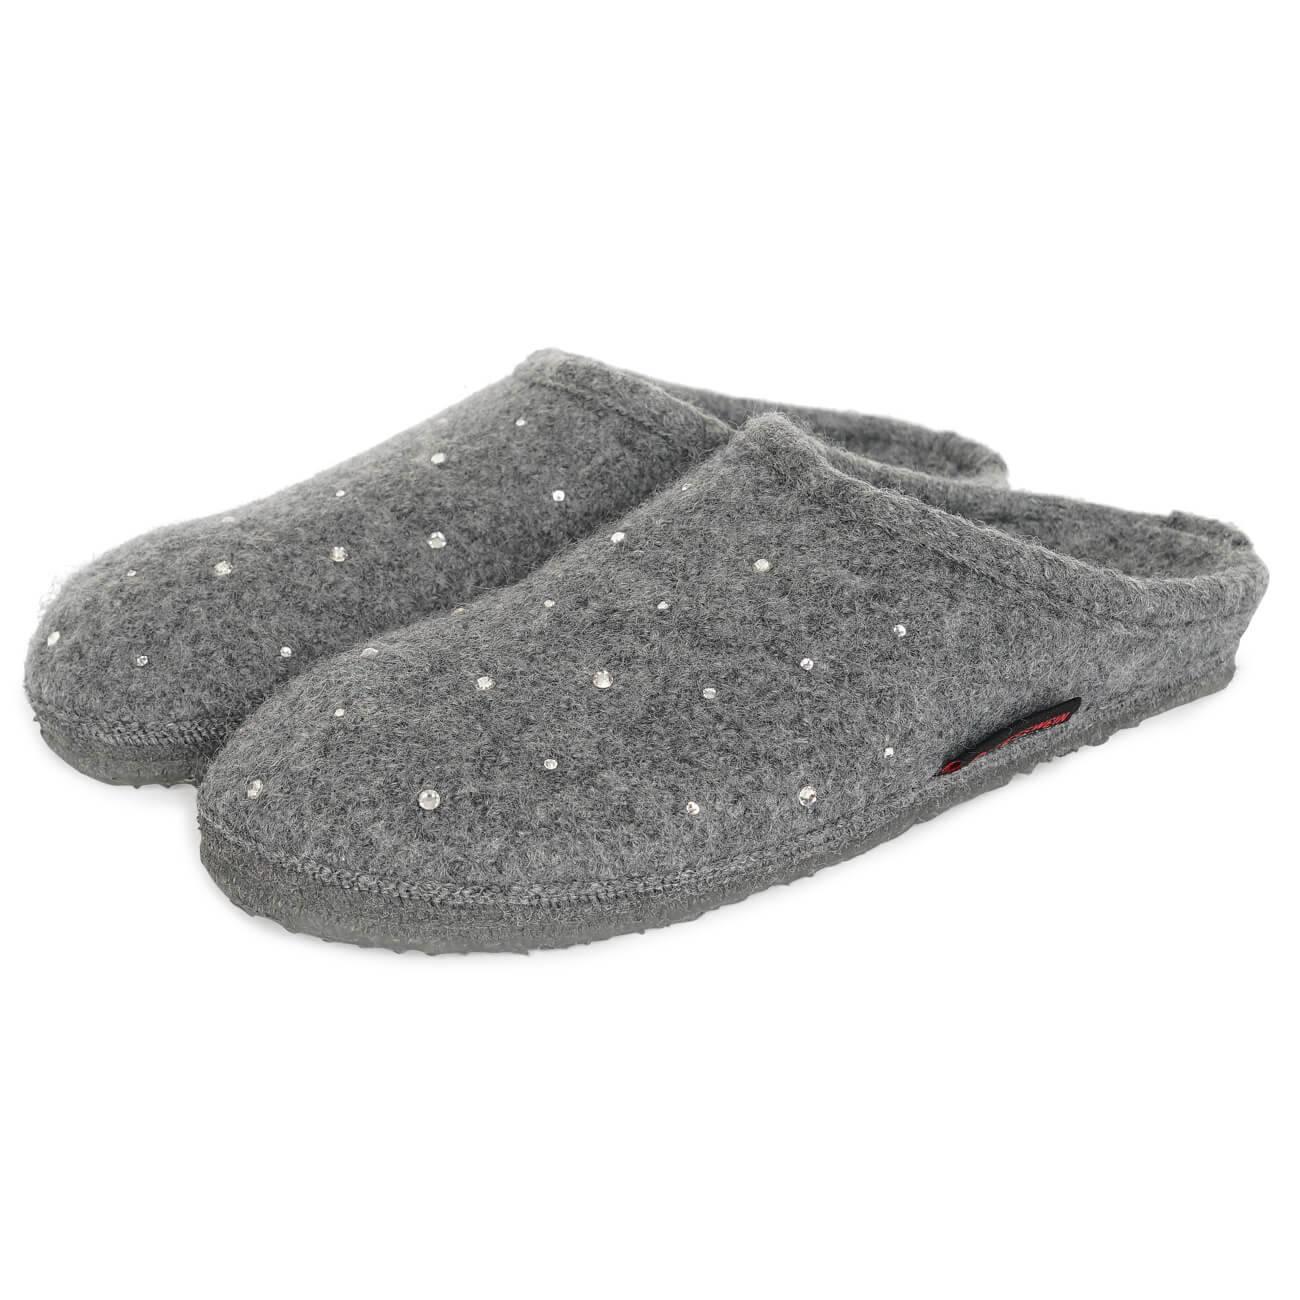 Giesswein Nagel grau schiefer Schuhe Pantoffel Hausschuhe Damen